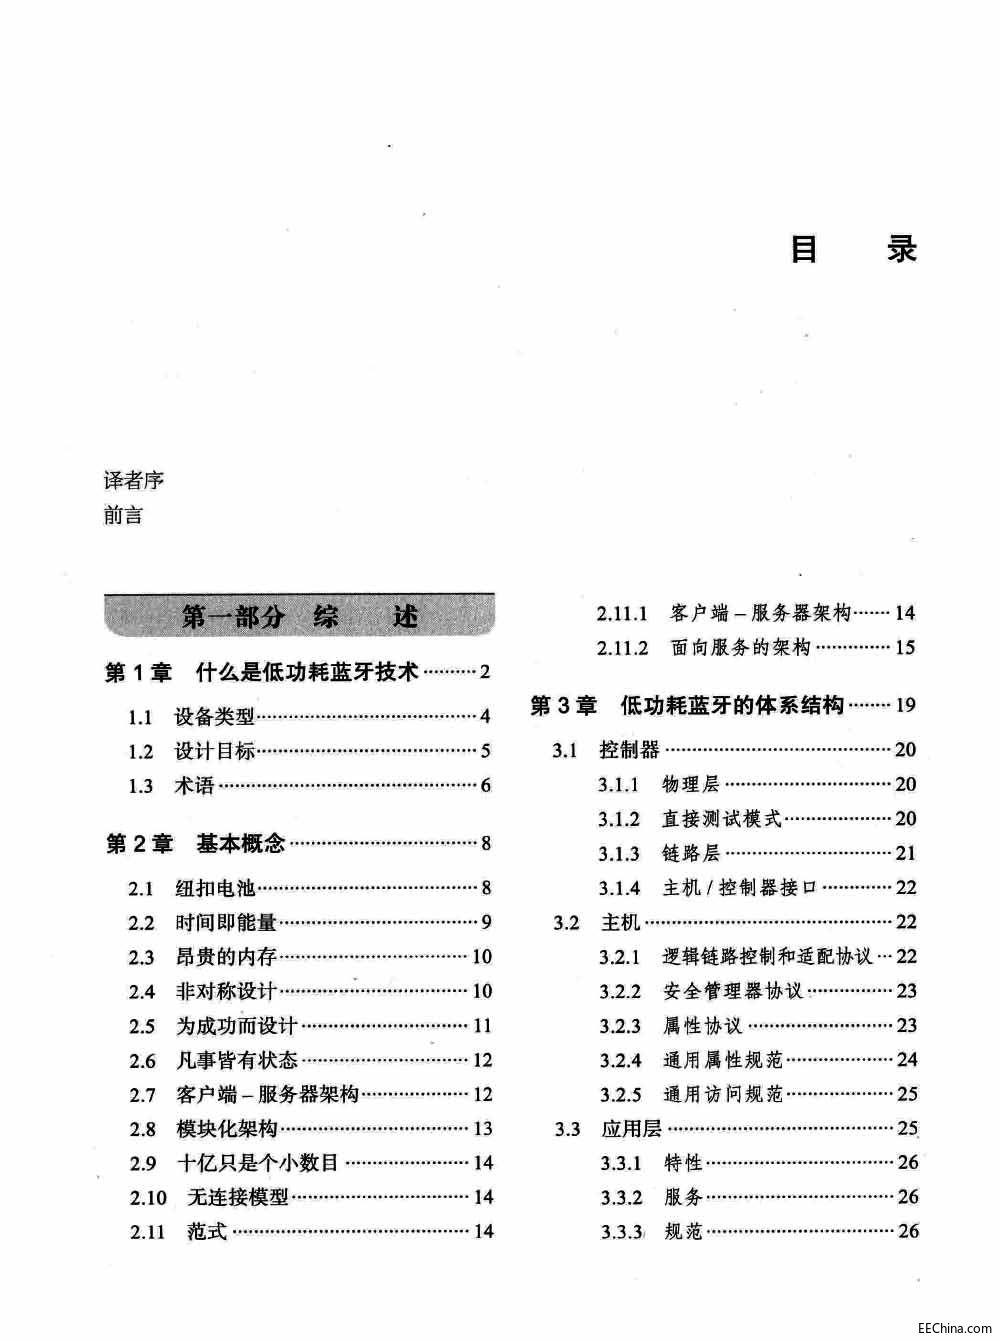 →→ 低功耗蓝牙开发权威指南 250页 68.8M 高清书签版 ←←